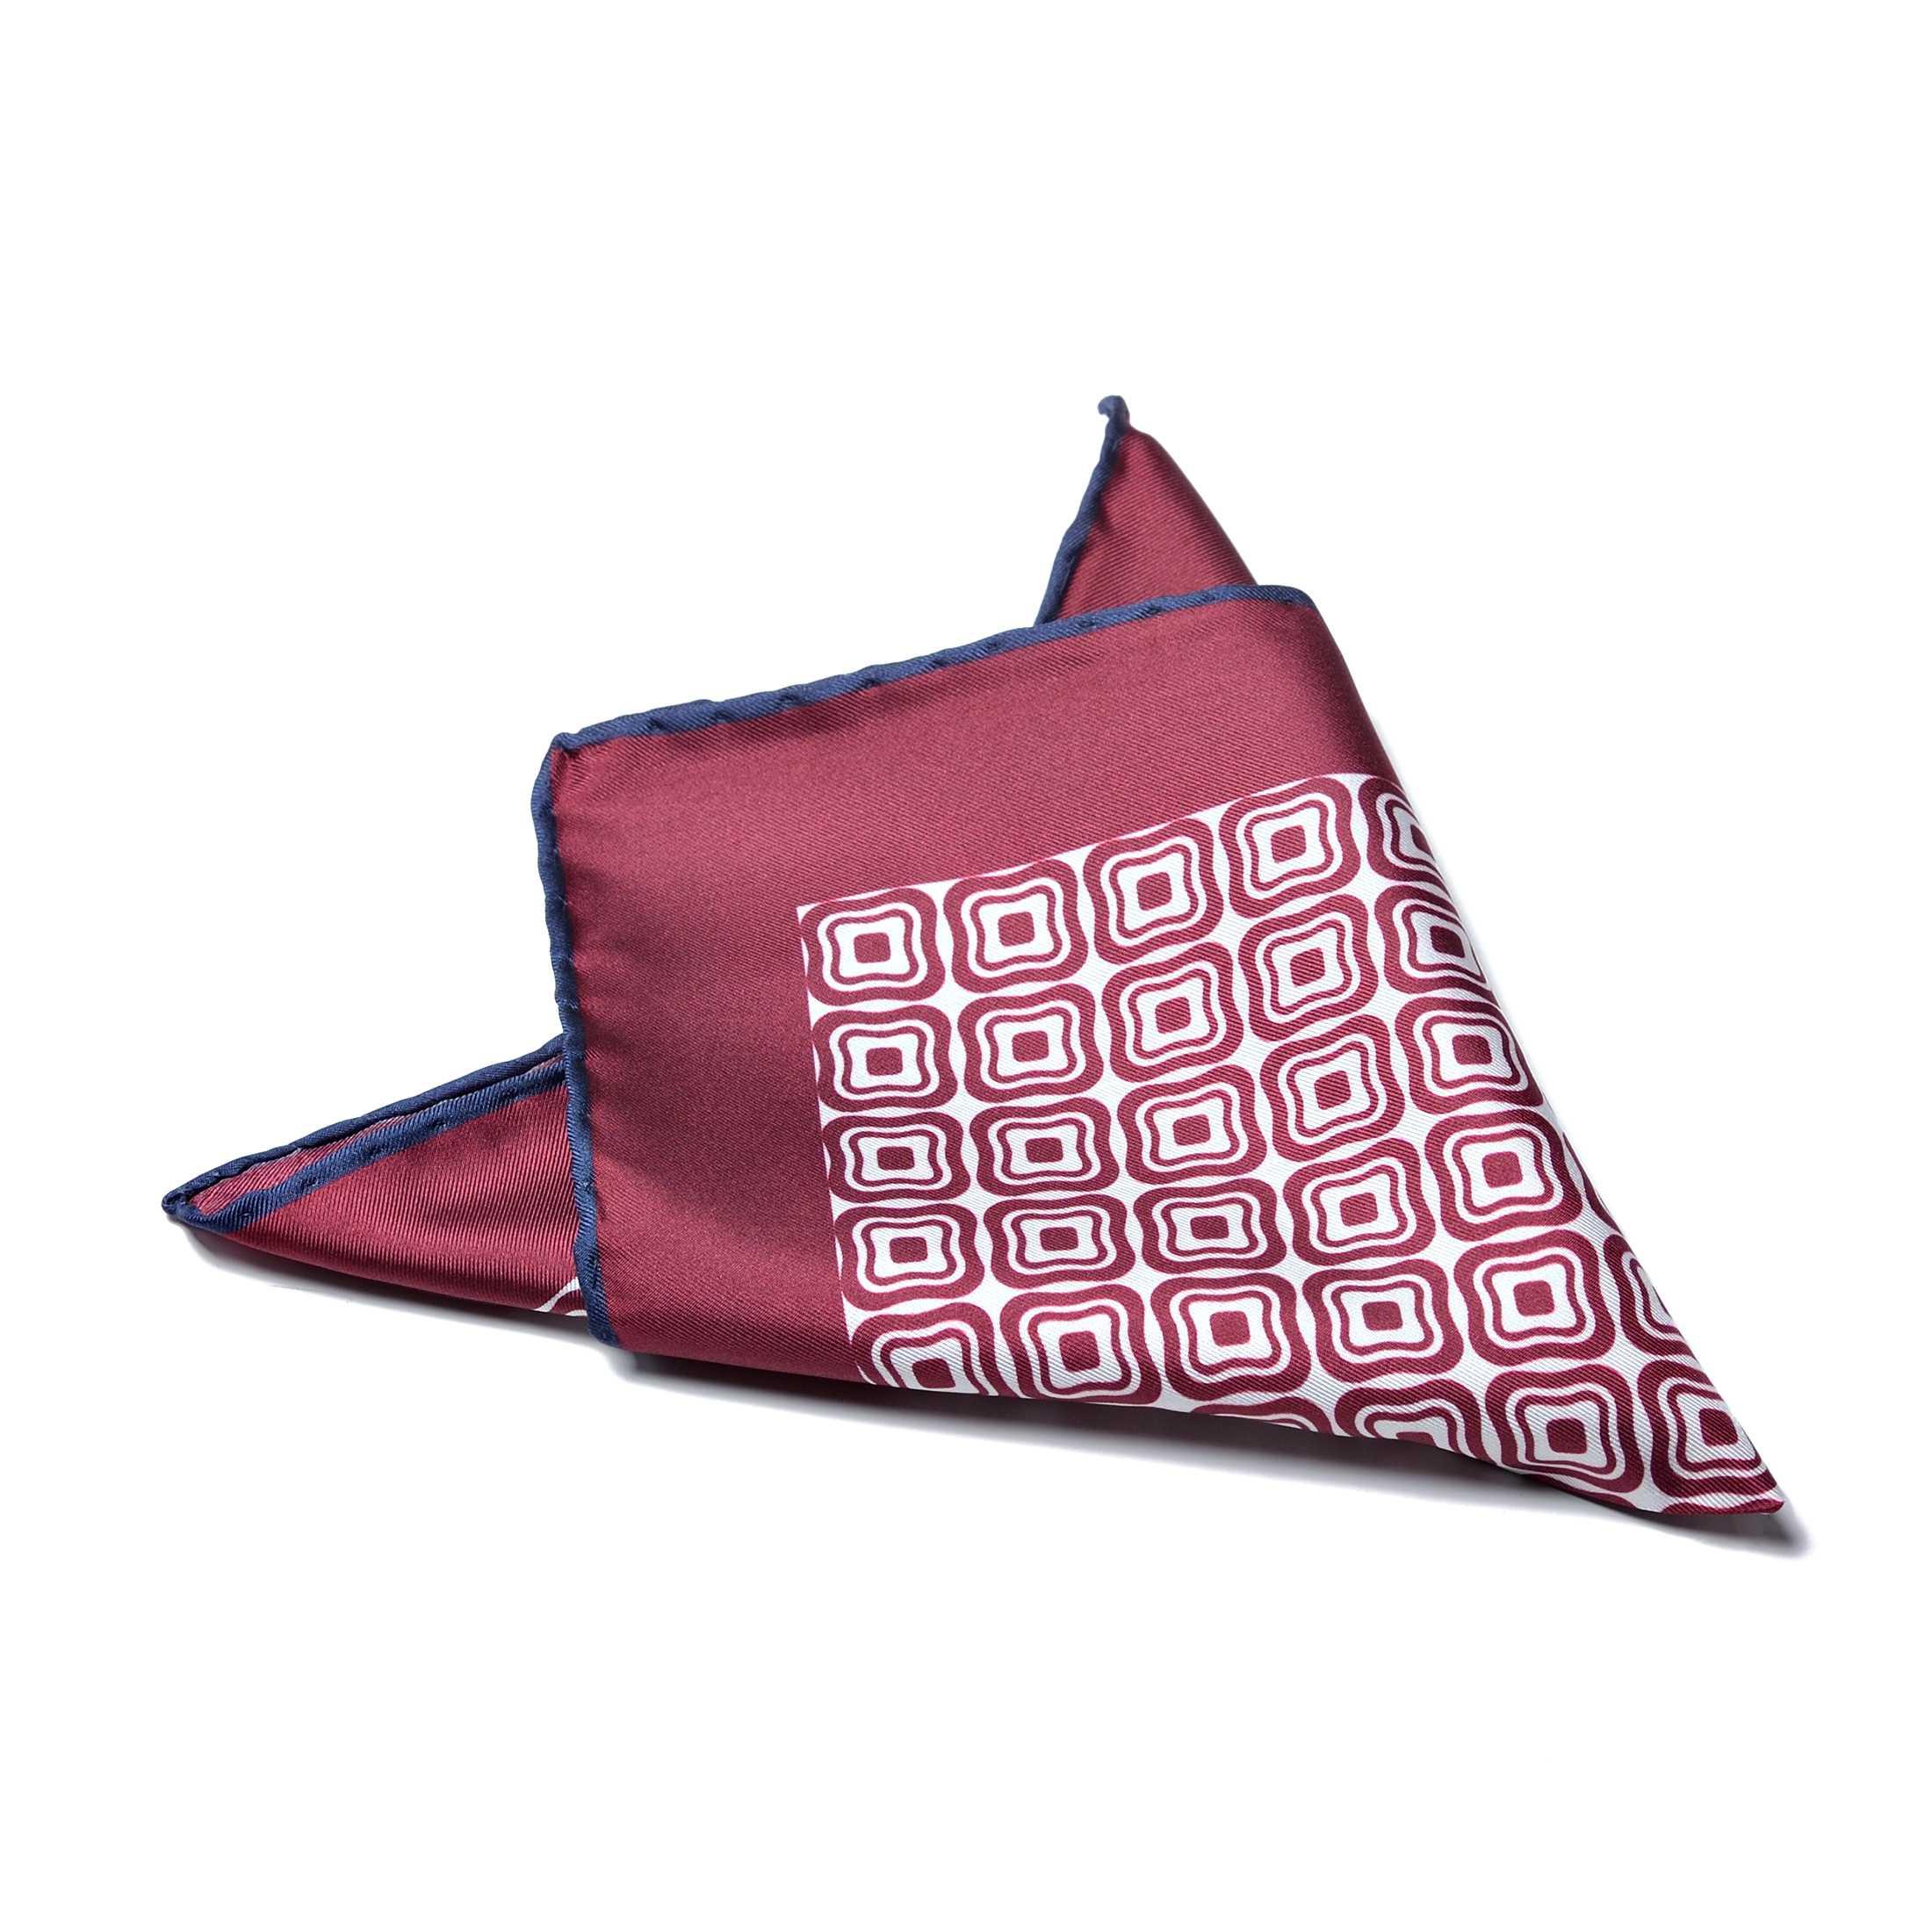 Платок нагрудный в карман бордовый с графическим рисунком и синей окантовкой (шелк)